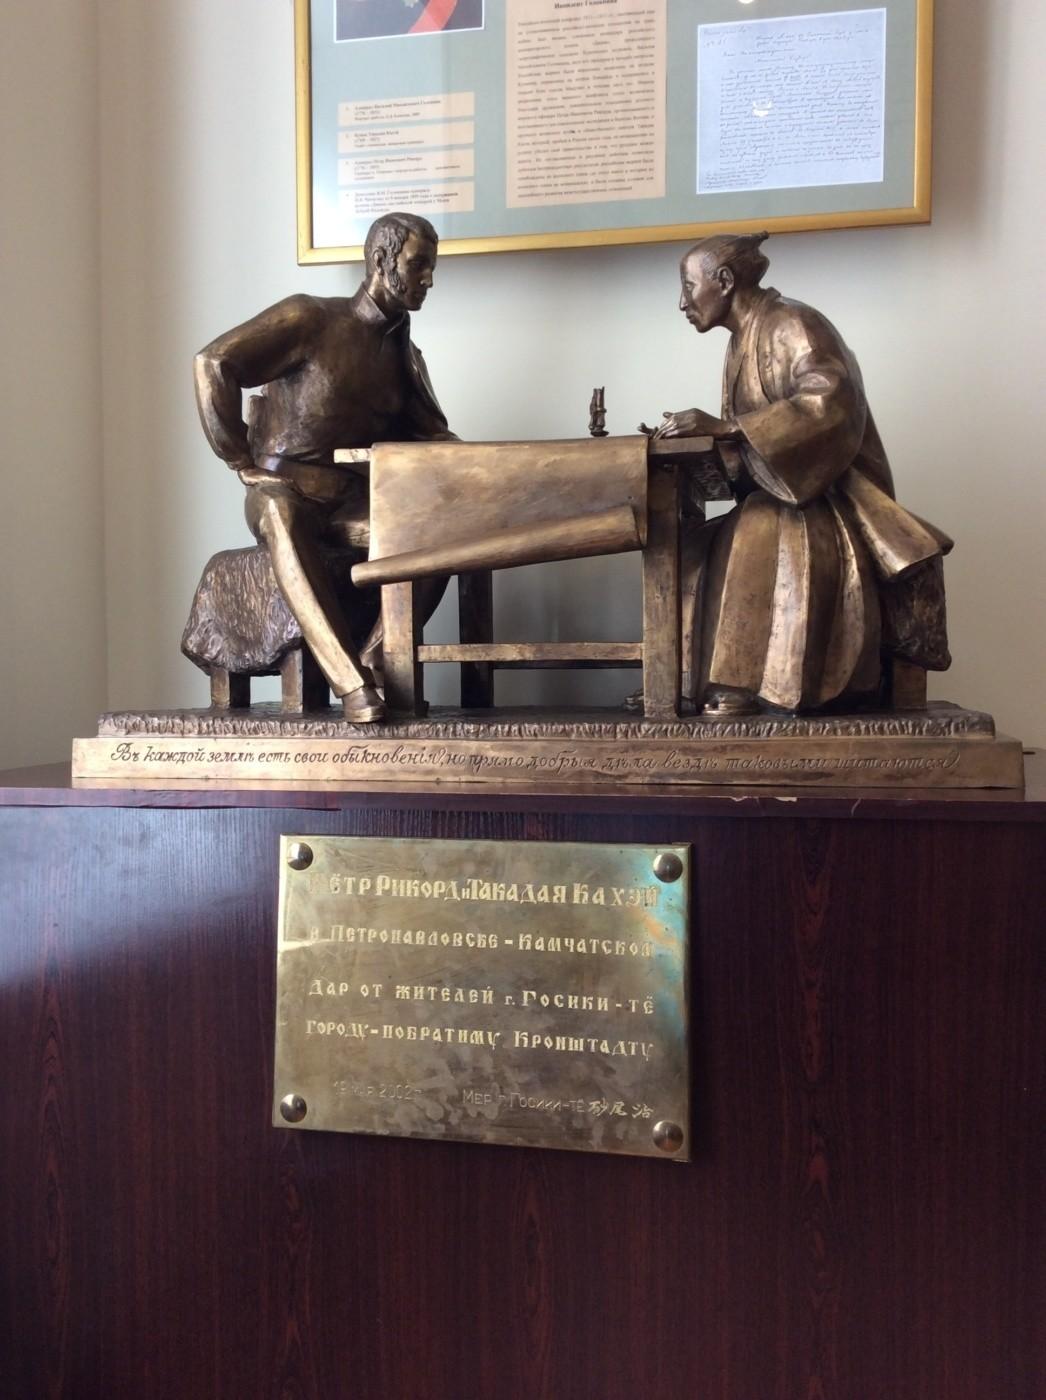 Два человека, которые смогли преодолеть многочисленные барьеры и повернуть взаимоотношения двух стран в совершенно новое русло. Музей истории Кронштадта.